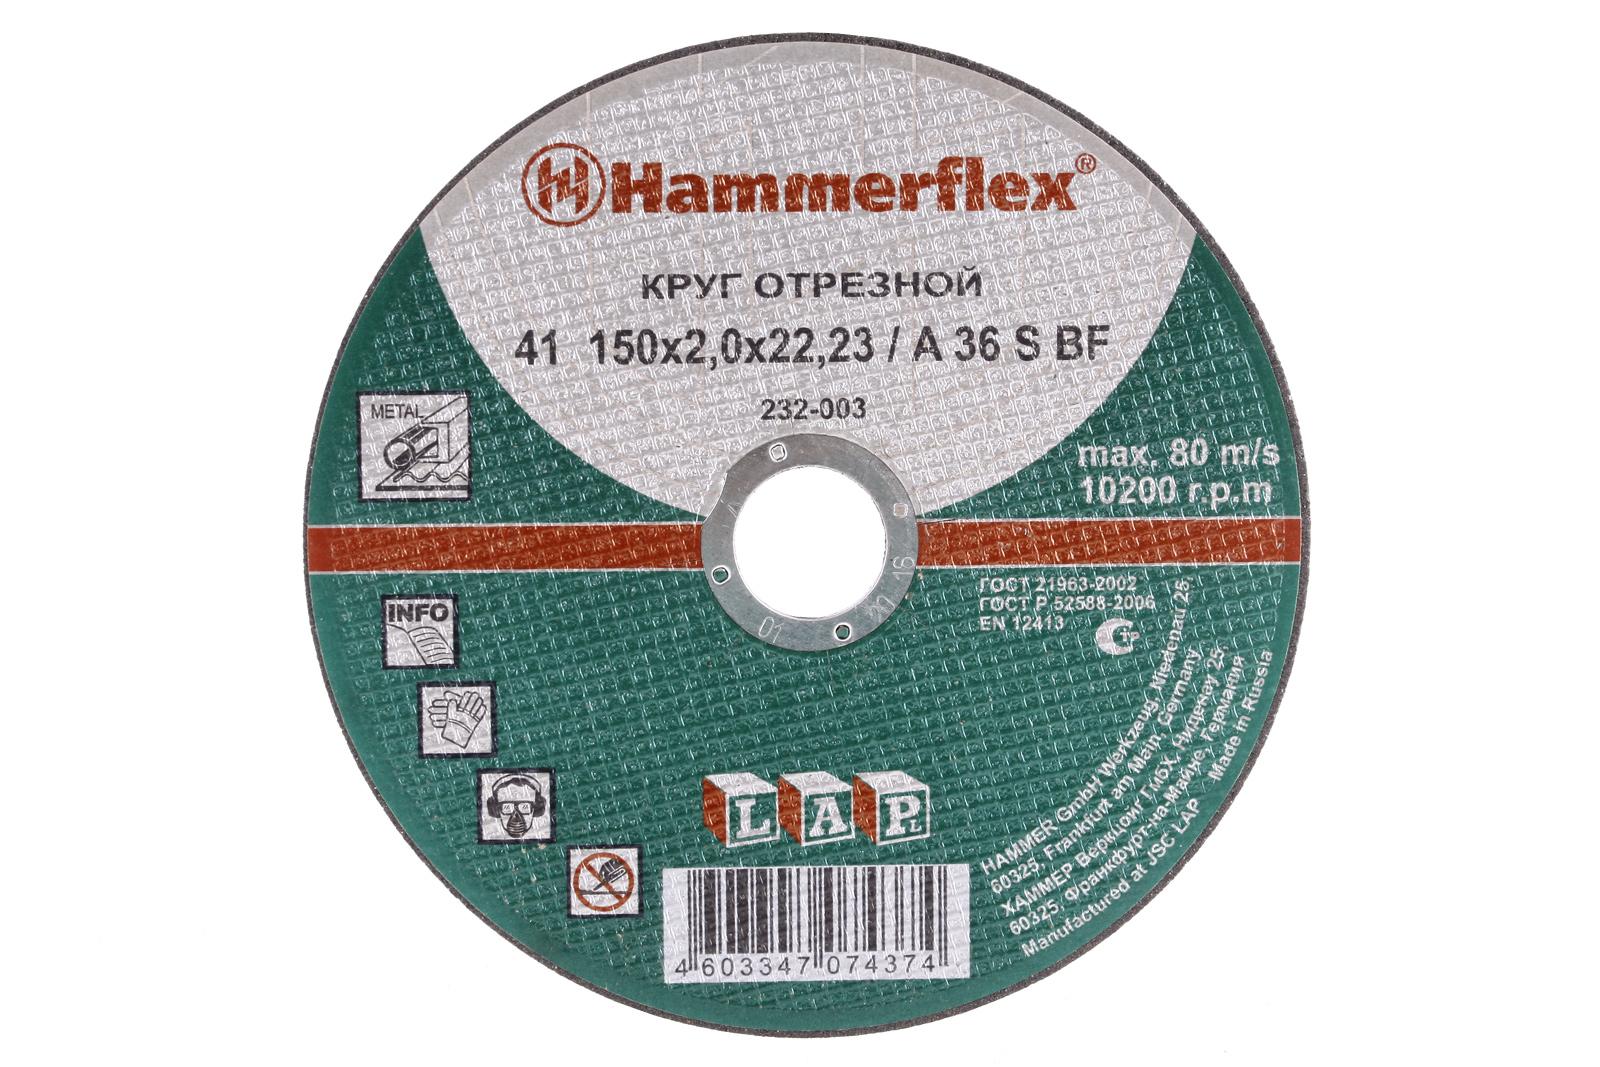 Круг отрезной Hammer 150 x 2.0 x 22 по металлу Коробка (200шт.) круг отрезной hammer flex 115 x 1 6 x 22 по металлу и нержавеющей стали 25шт